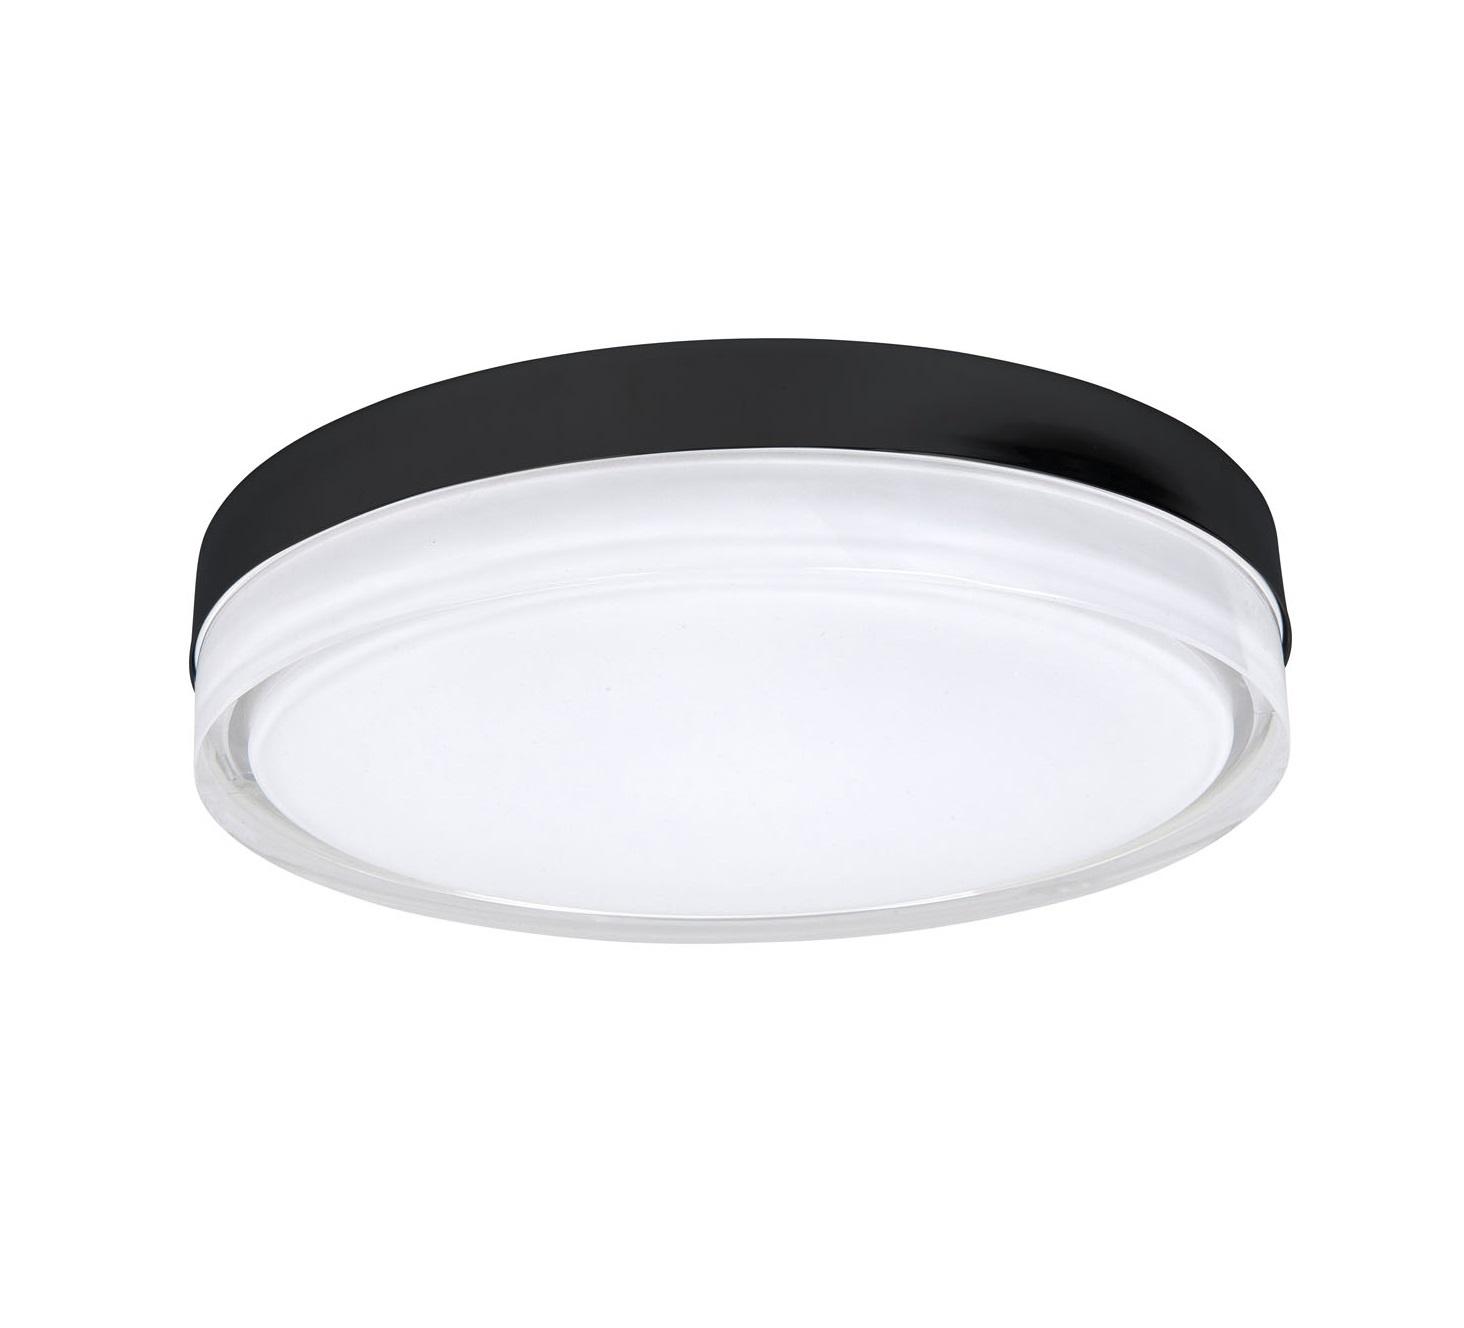 Plafondlamp Disc Mat Zwart 28cm IP44